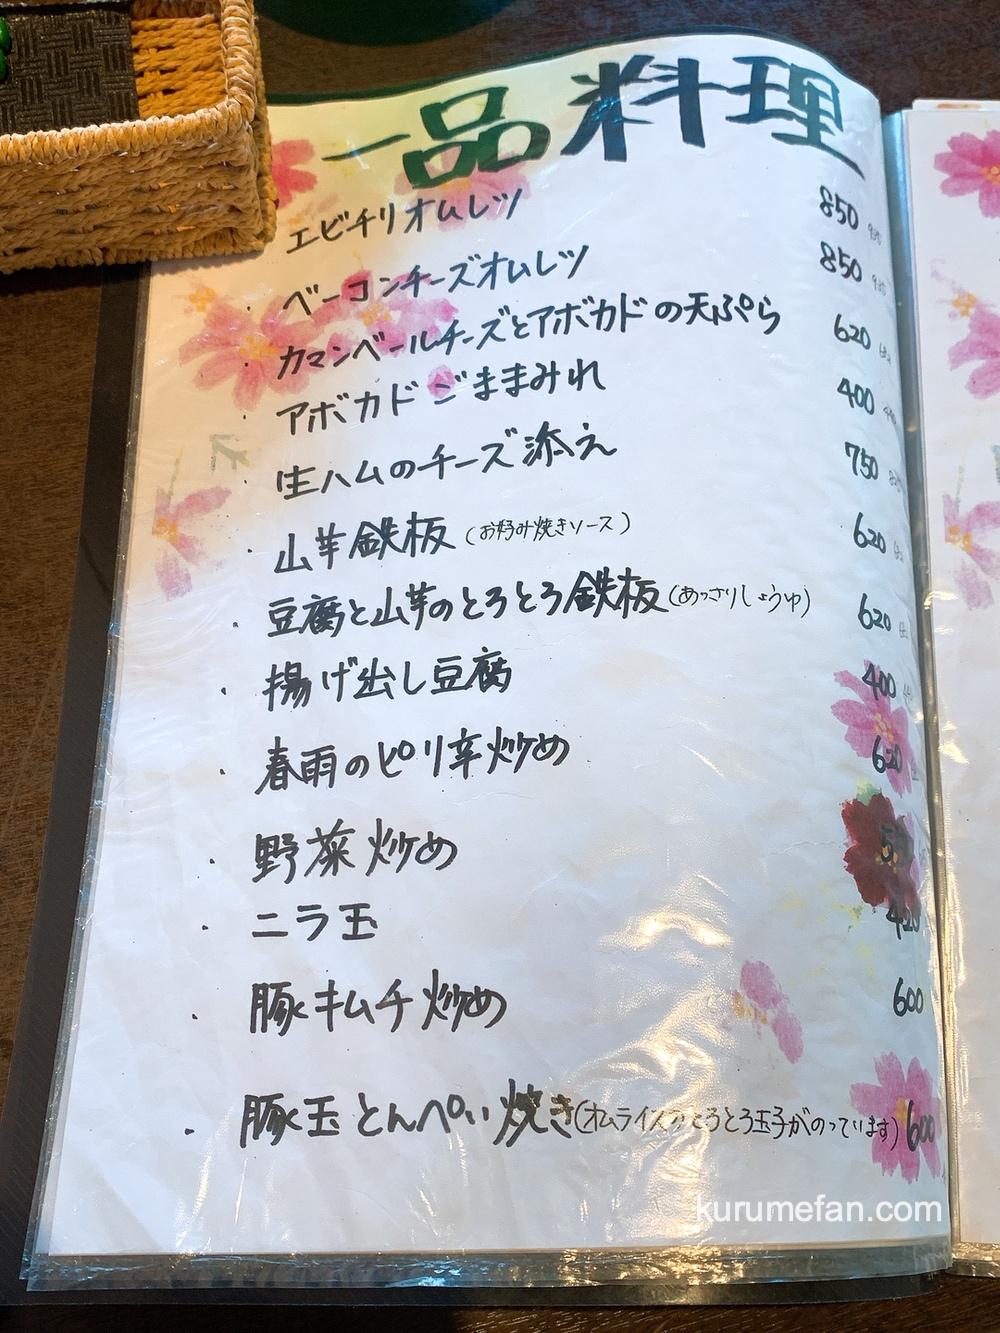 創作食道 花緑(かろく)一品料理メニュー表【久留米市北野町】